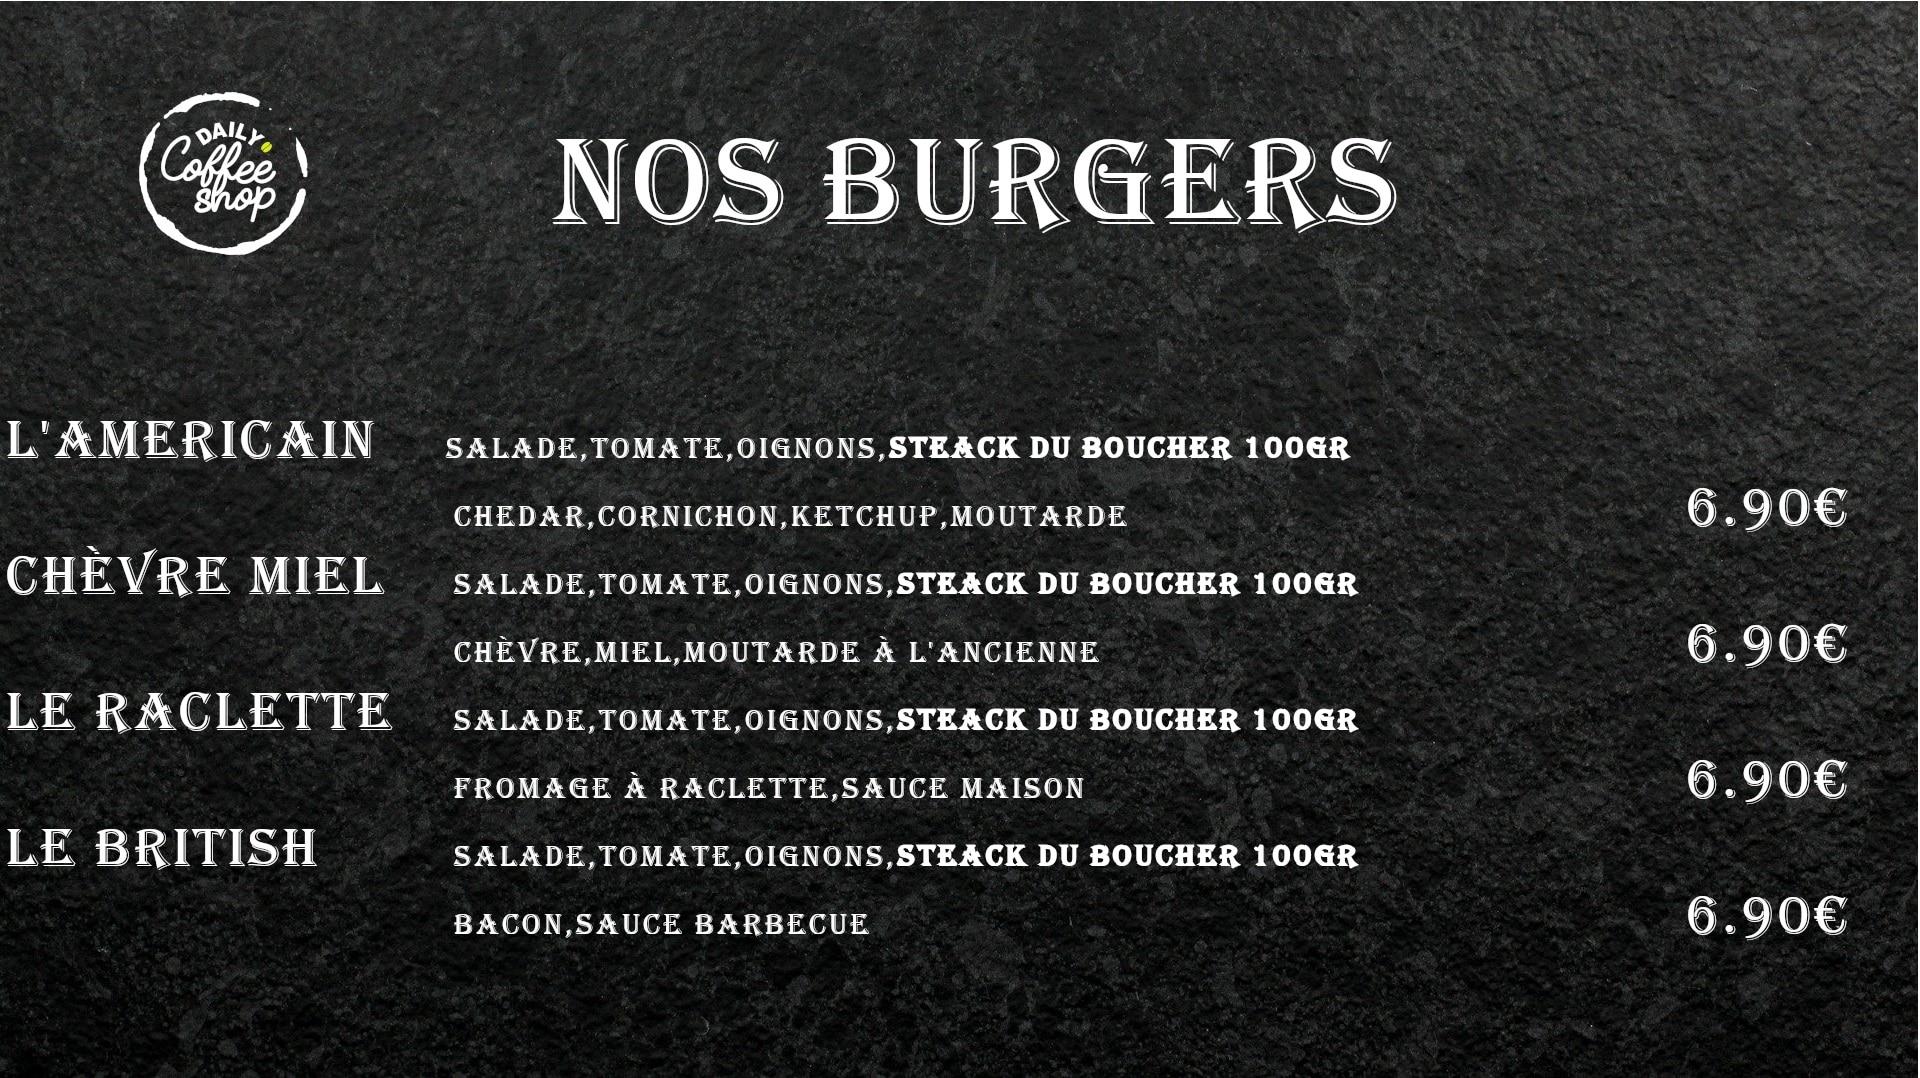 Images du menu des burgers de Daily Coffee Shop